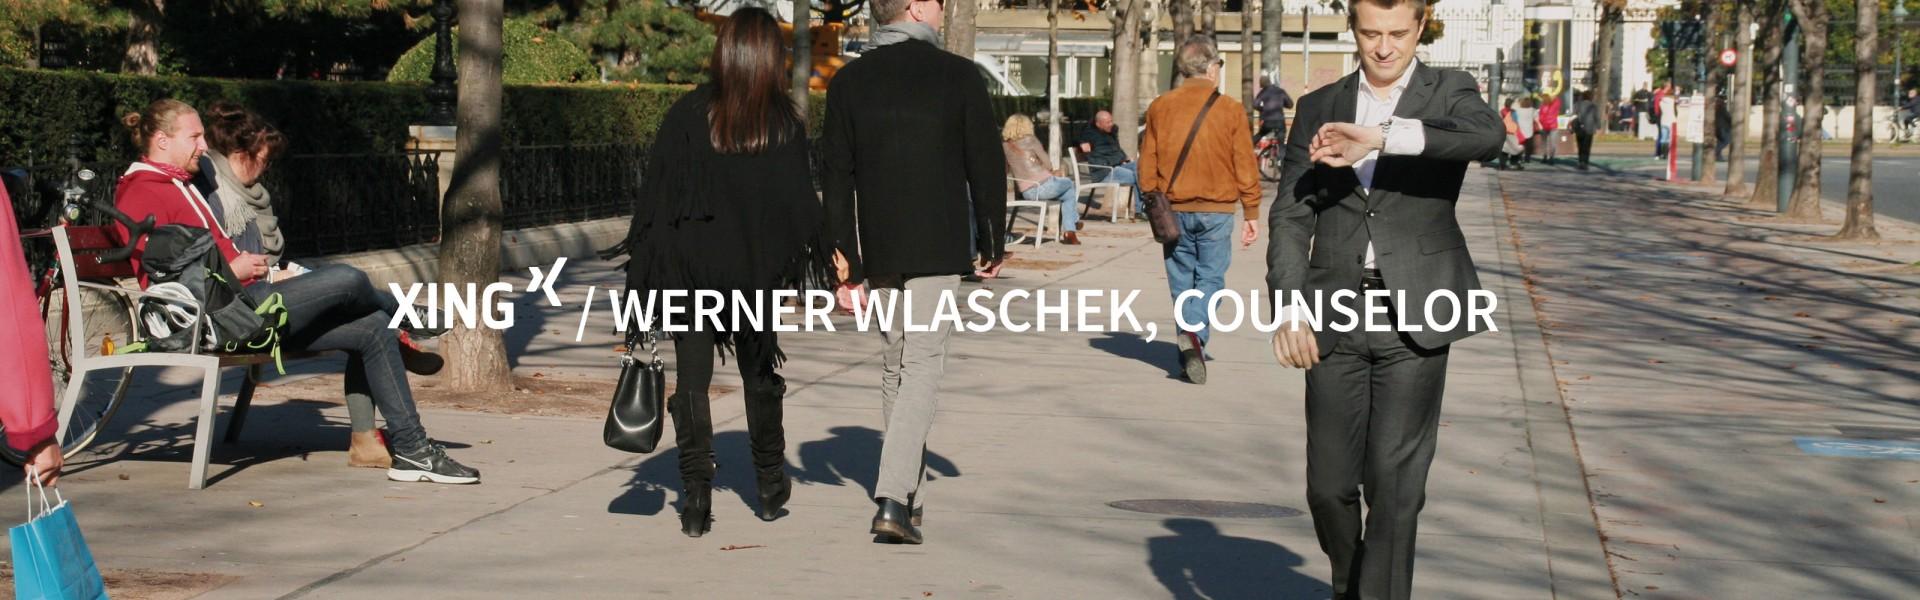 Werner Wlaschek